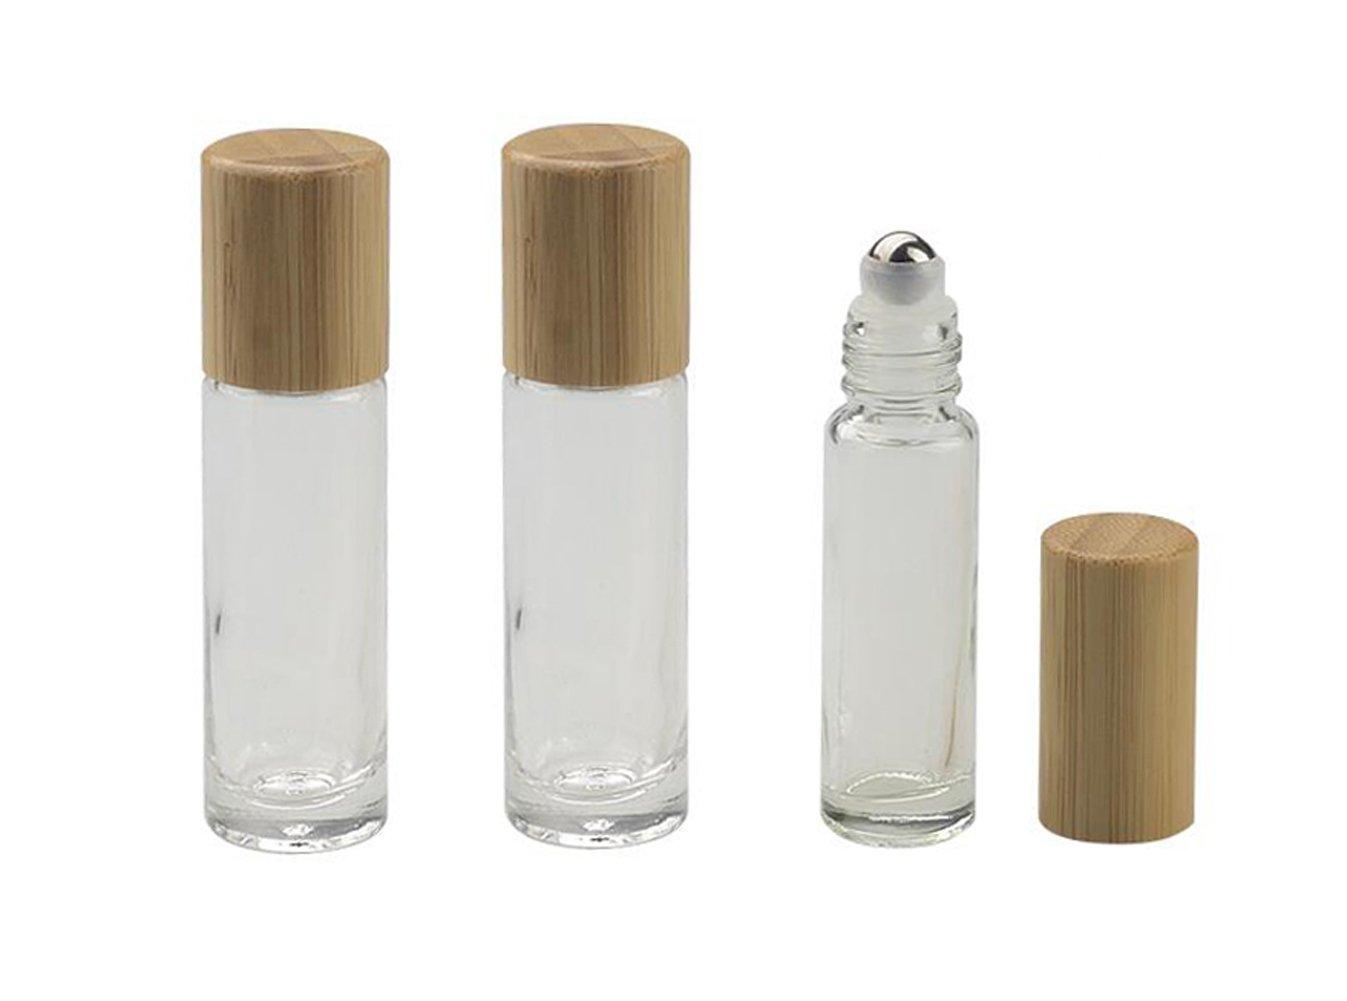 3PCS 10ML/0, 35OZ Clear Glas Ätherisches Öl Roll-on Fläschchen Flaschen mit Stahl Roller Balls und Bambus Deckel Kosmetik Make-Up Parfüm Lipgloss Lagerung Inhaber Verpackung Container Upstore